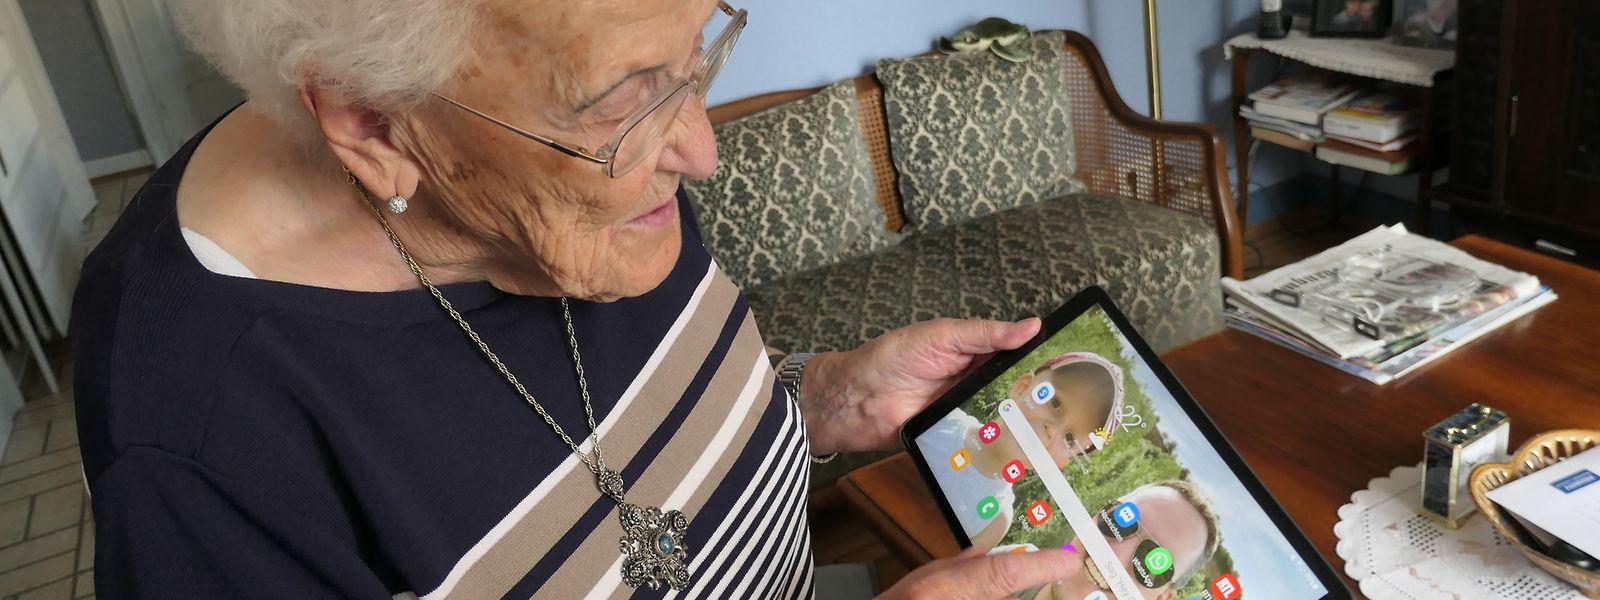 Trotz ihrer 92 Jahre wirkt der Umgang mit dem Tablet bei Thya Schon fast wie ein Kinderspiel.